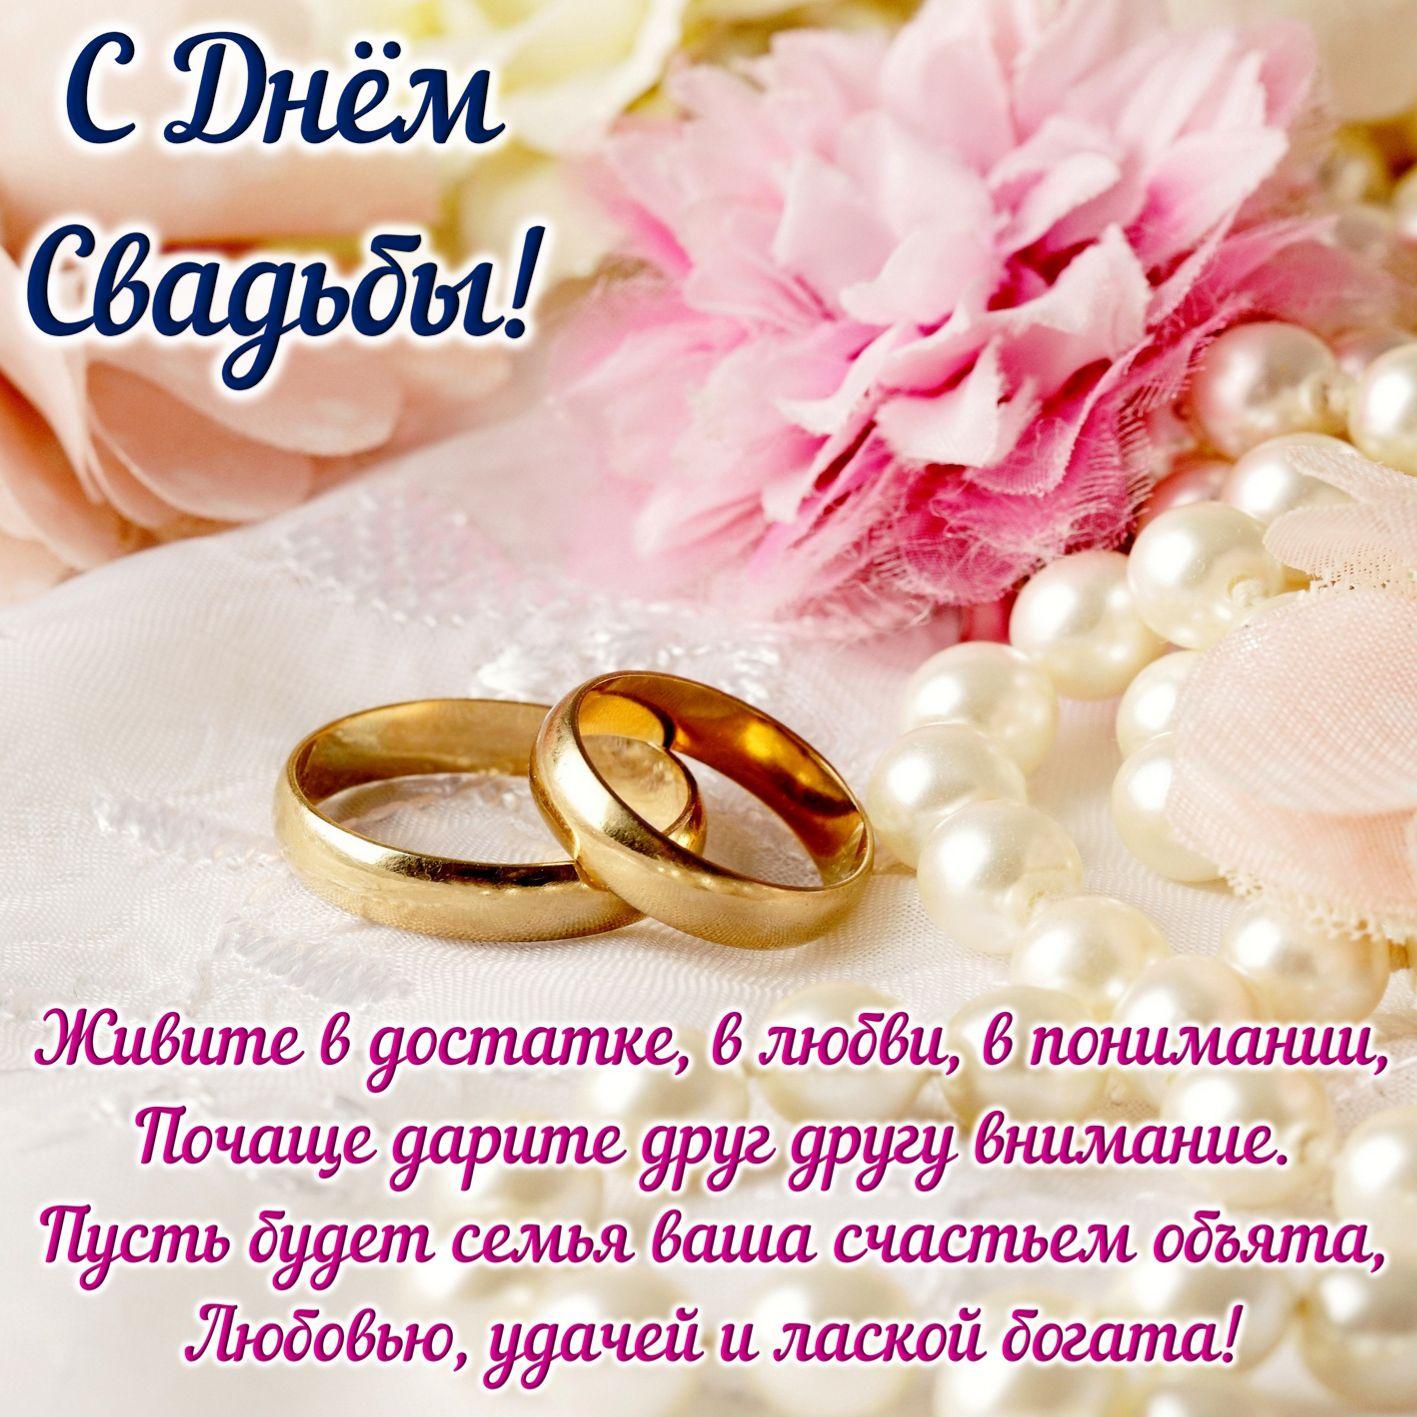 С днем свадьбы любимому открытка